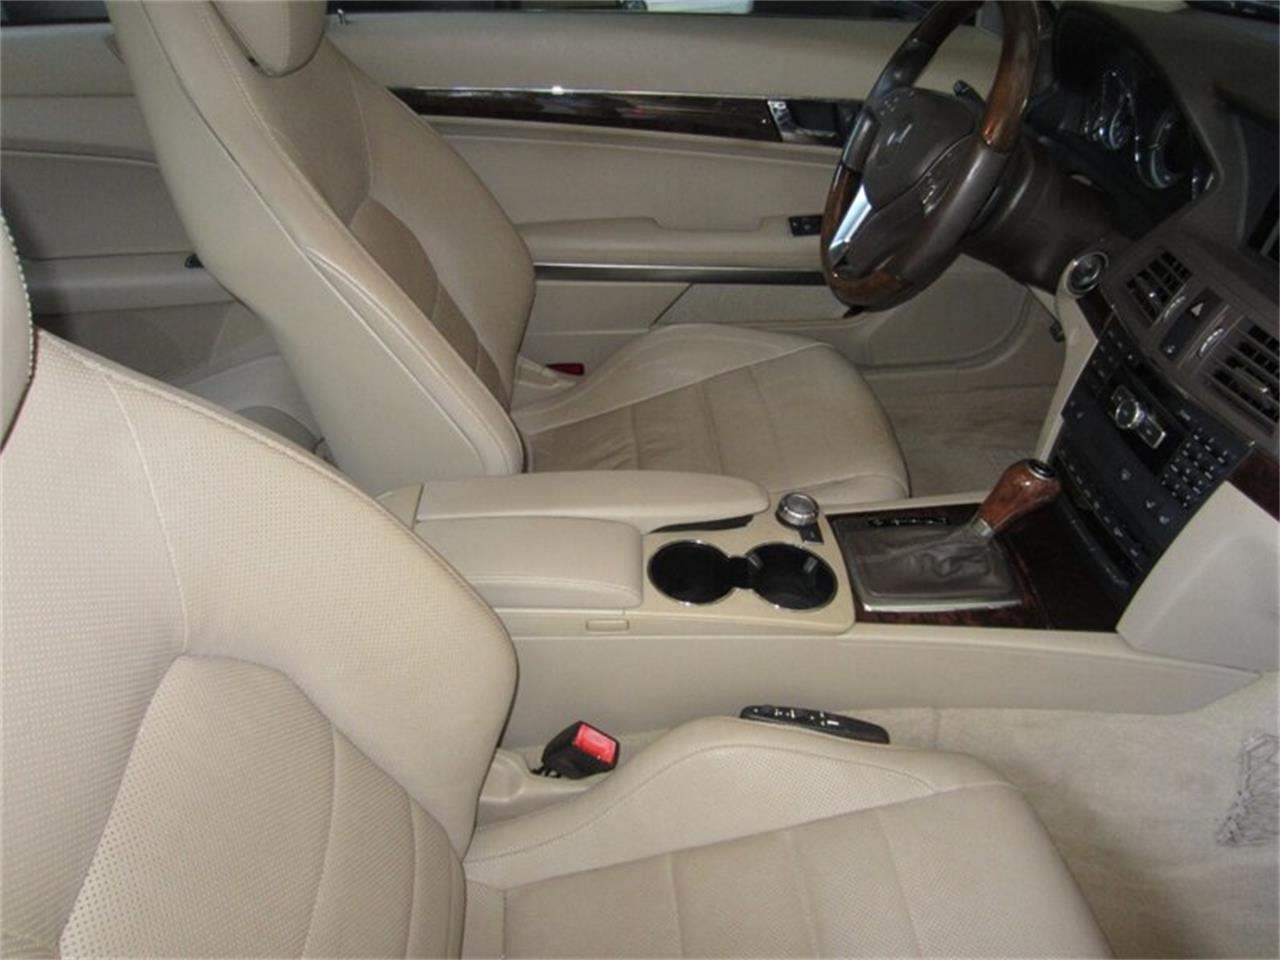 2013 Mercedes-Benz E-Class (CC-1358873) for sale in Delray Beach, Florida